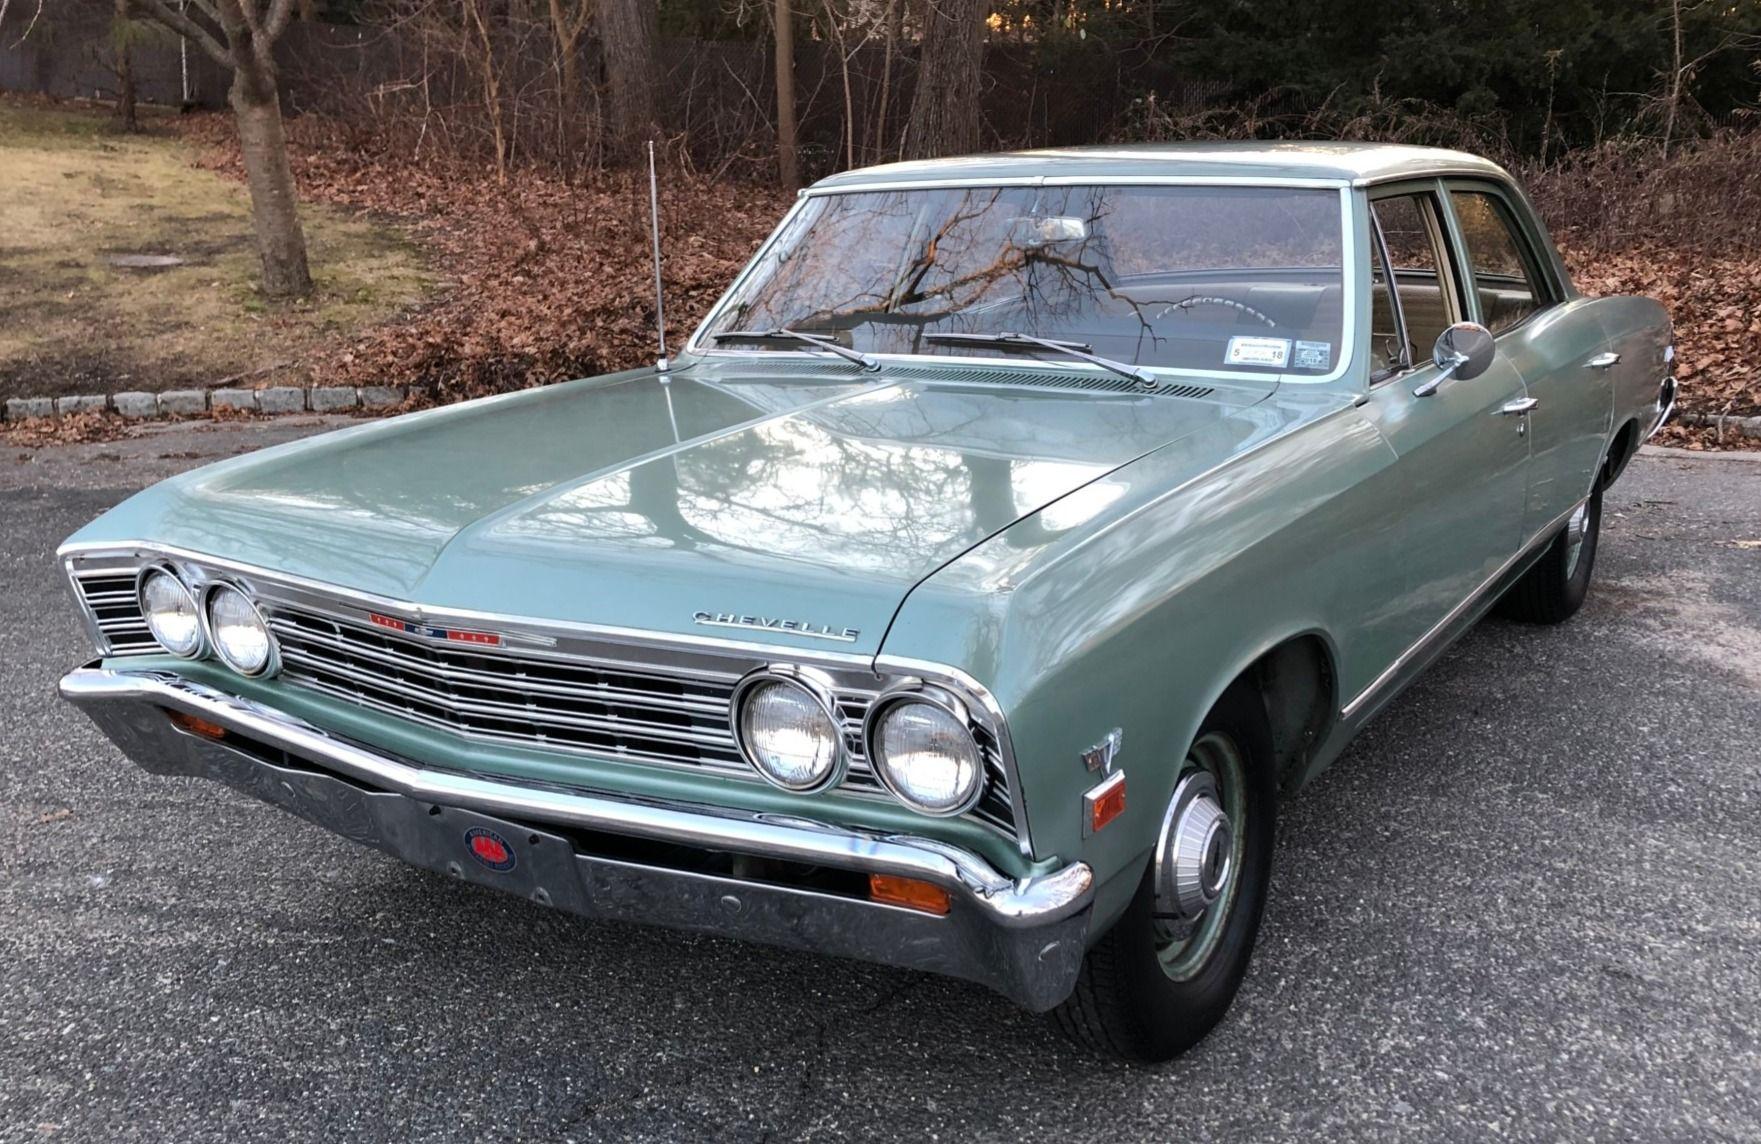 1967 Chevrolet Chevelle Malibu Sedan Chevrolet Chevelle Malibu Chevrolet Chevelle Chevelle